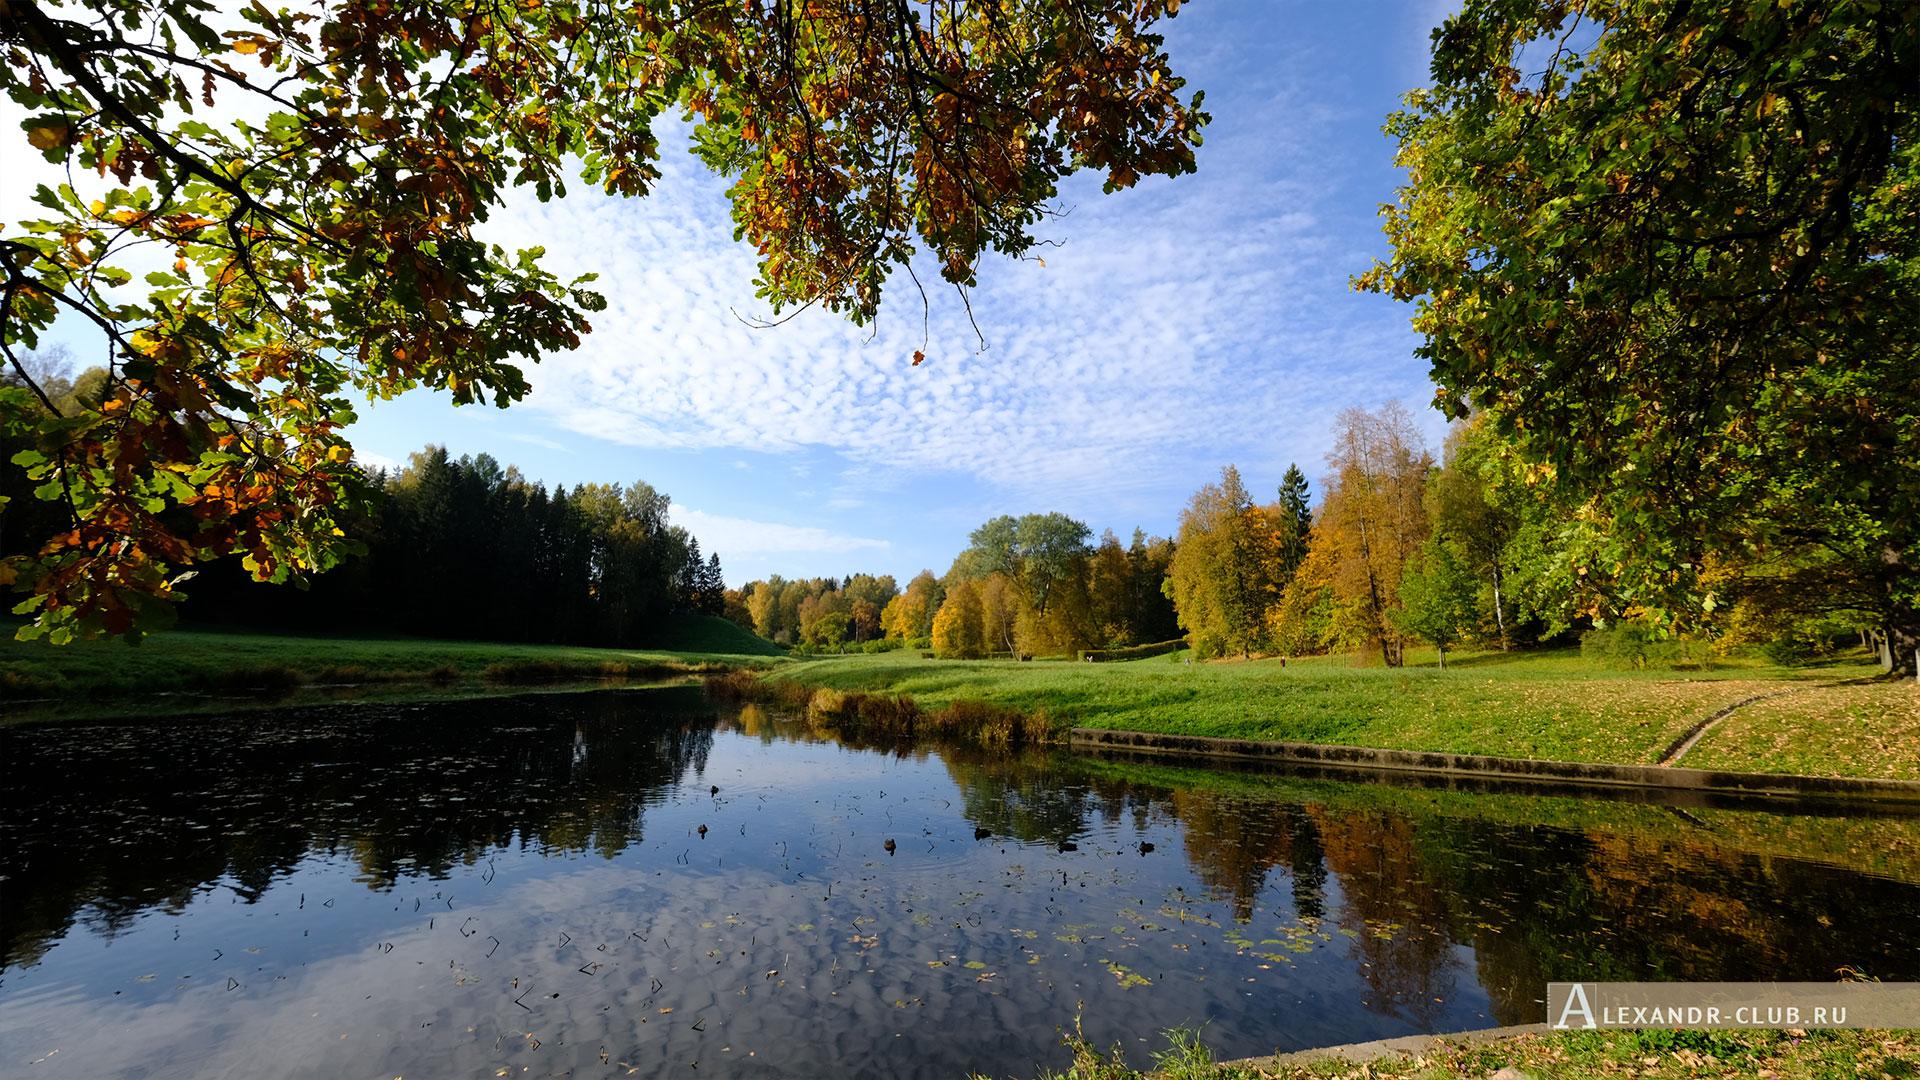 Павловск, осень, Павловский парк, река Славянка